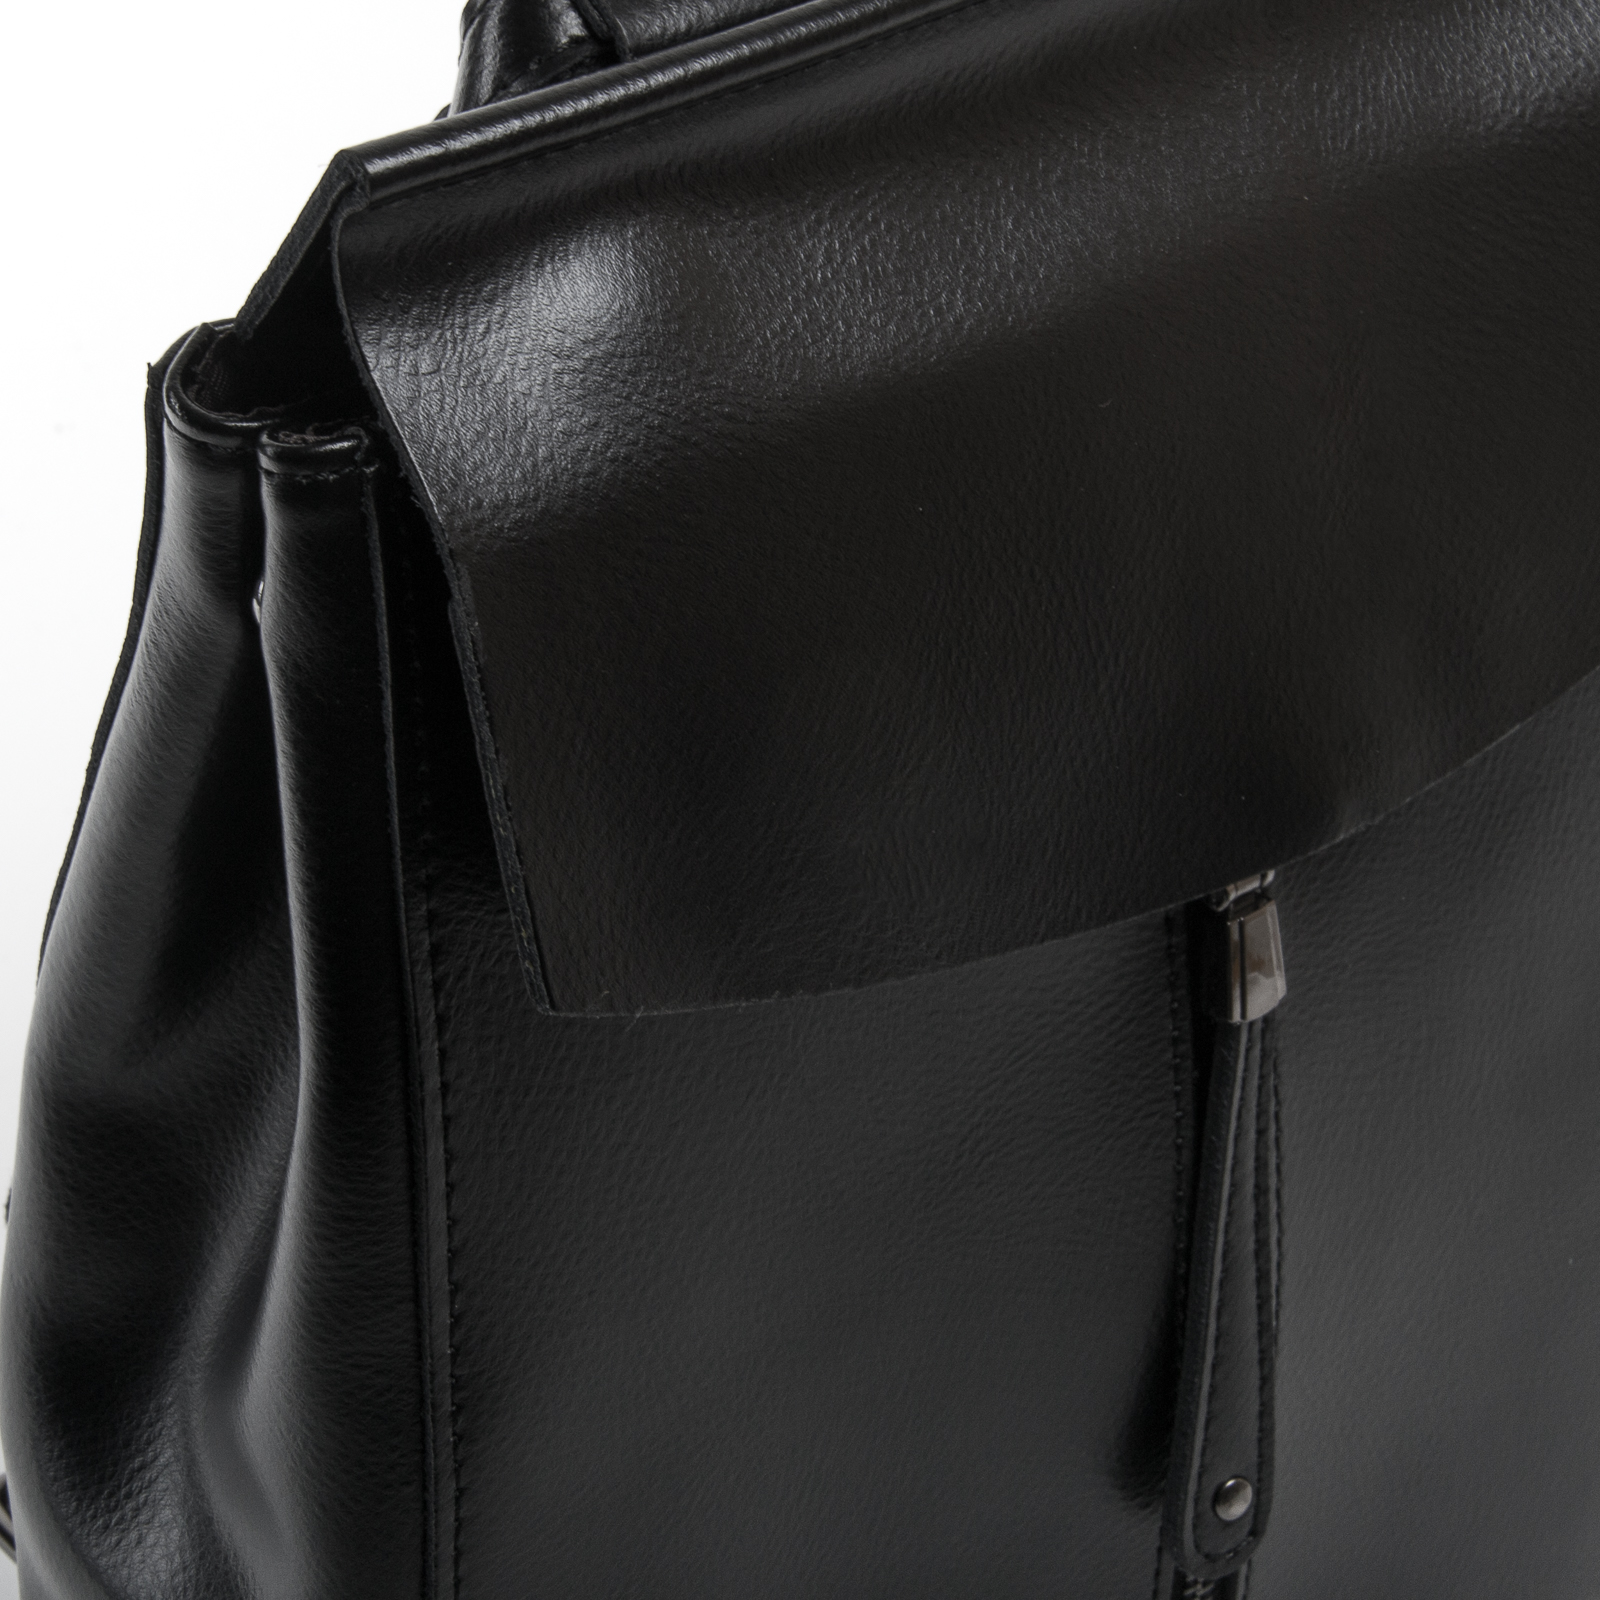 Сумка Женская Классическая кожа ALEX RAI 03-01 3206 black - фото 3